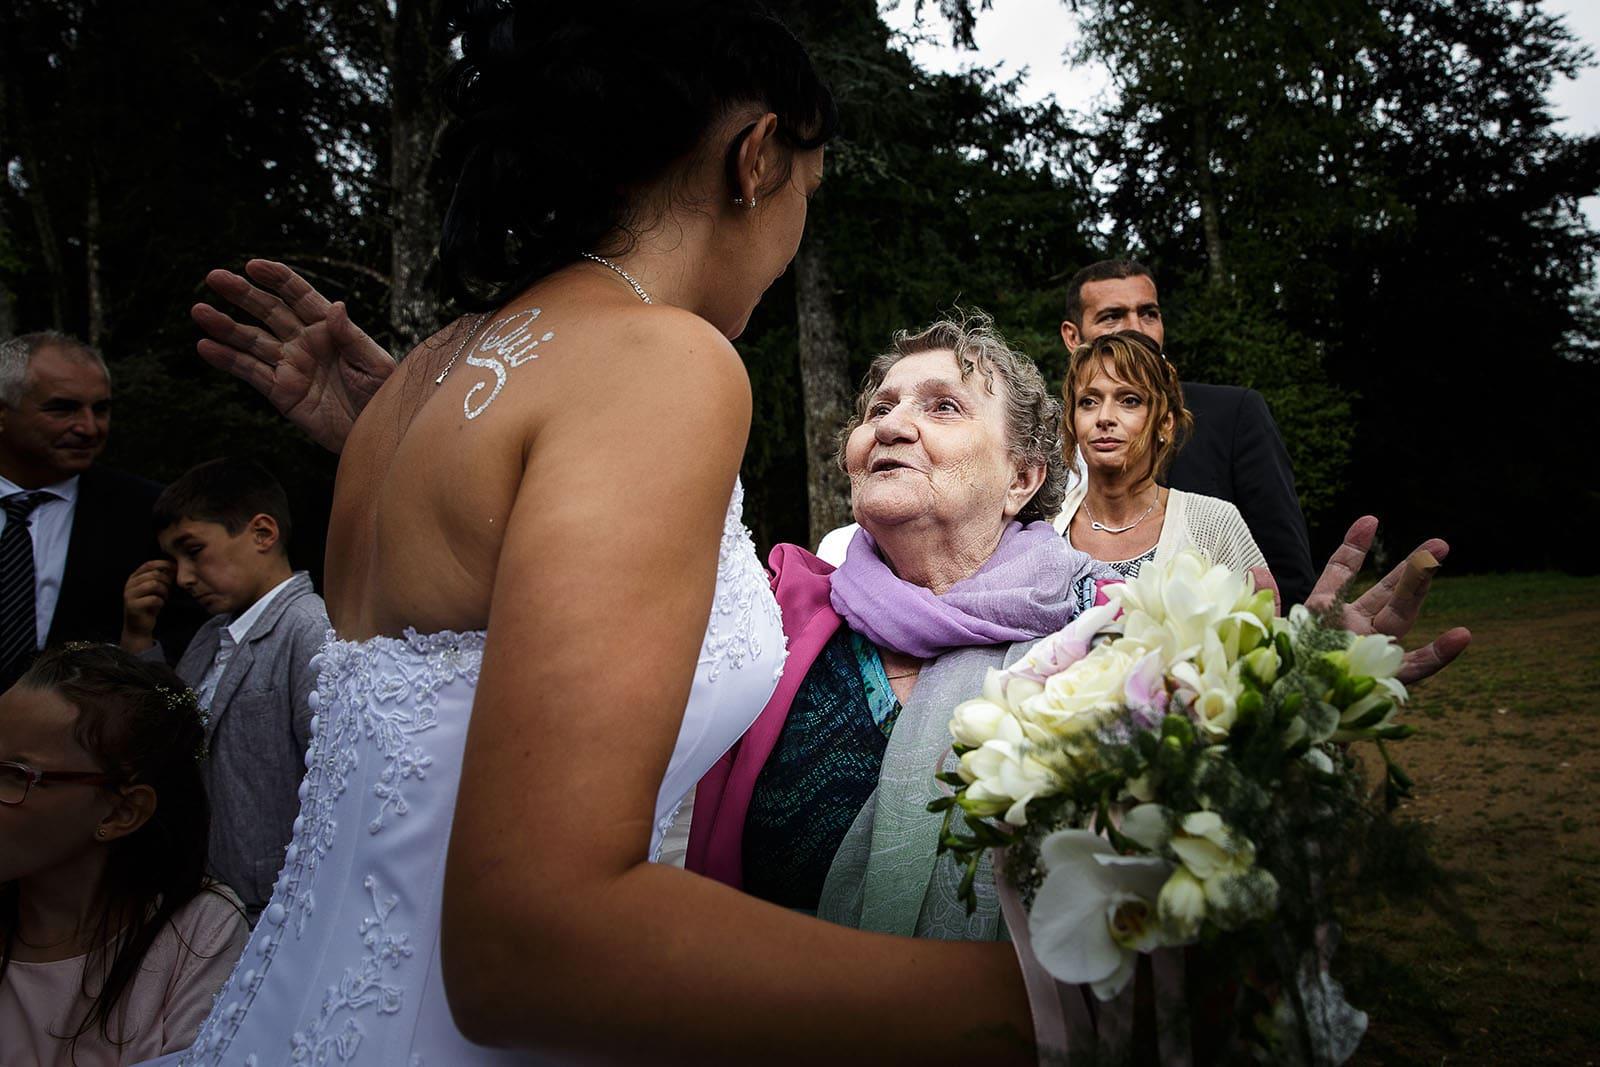 La grand mère de la mariée heureuse. Photo réalisée par Castille ALMA photographe de mariage à Chambéry.